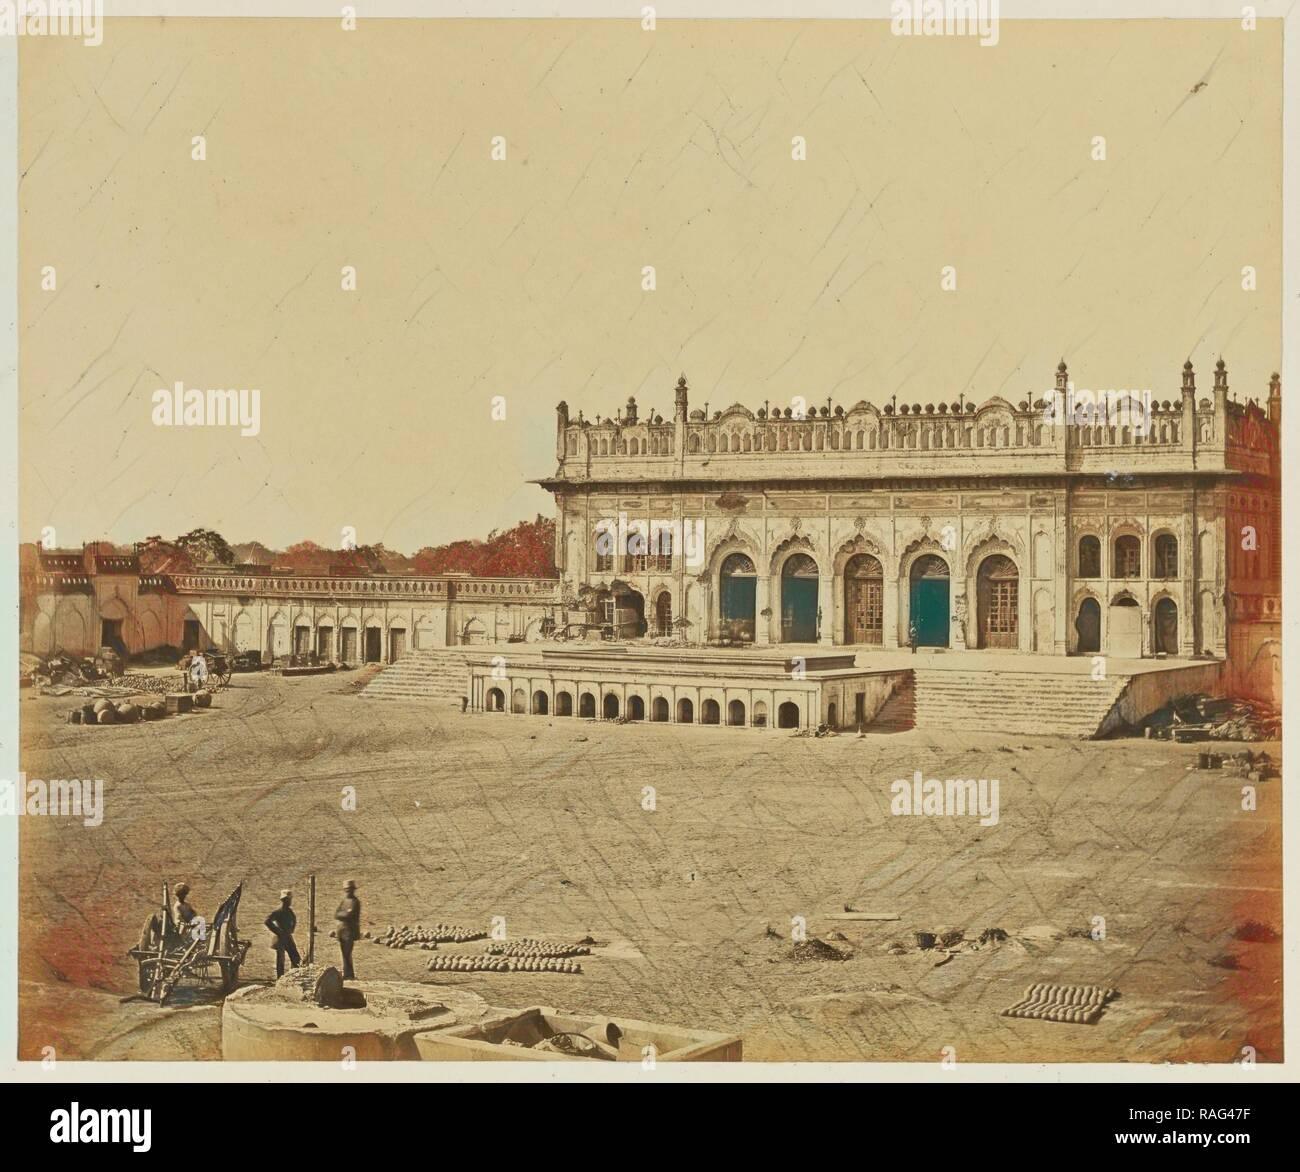 The Small Imambara, Felice Beato (English, born Italy, 1832 - 1909), India, 1858, Albumen silver print. Reimagined Stock Photo